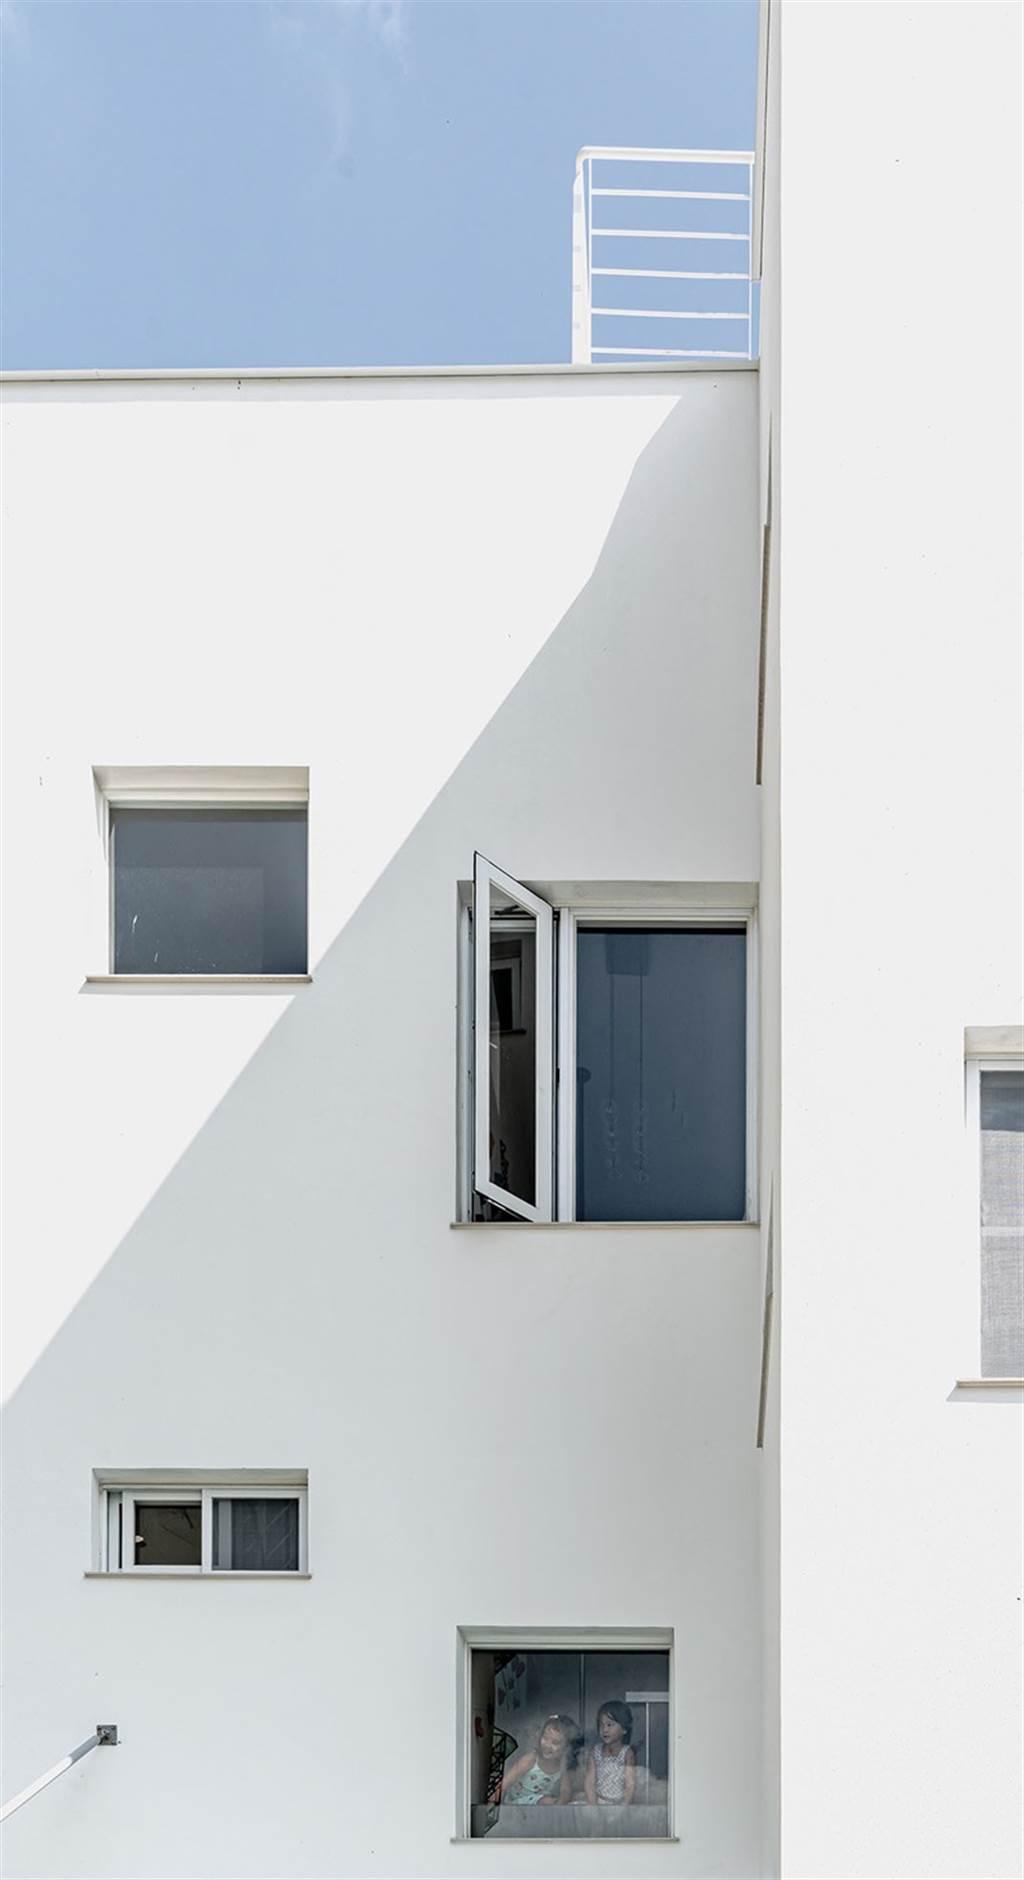 圖片提供/丁尺建築師事務所、攝影/原間攝影工作室